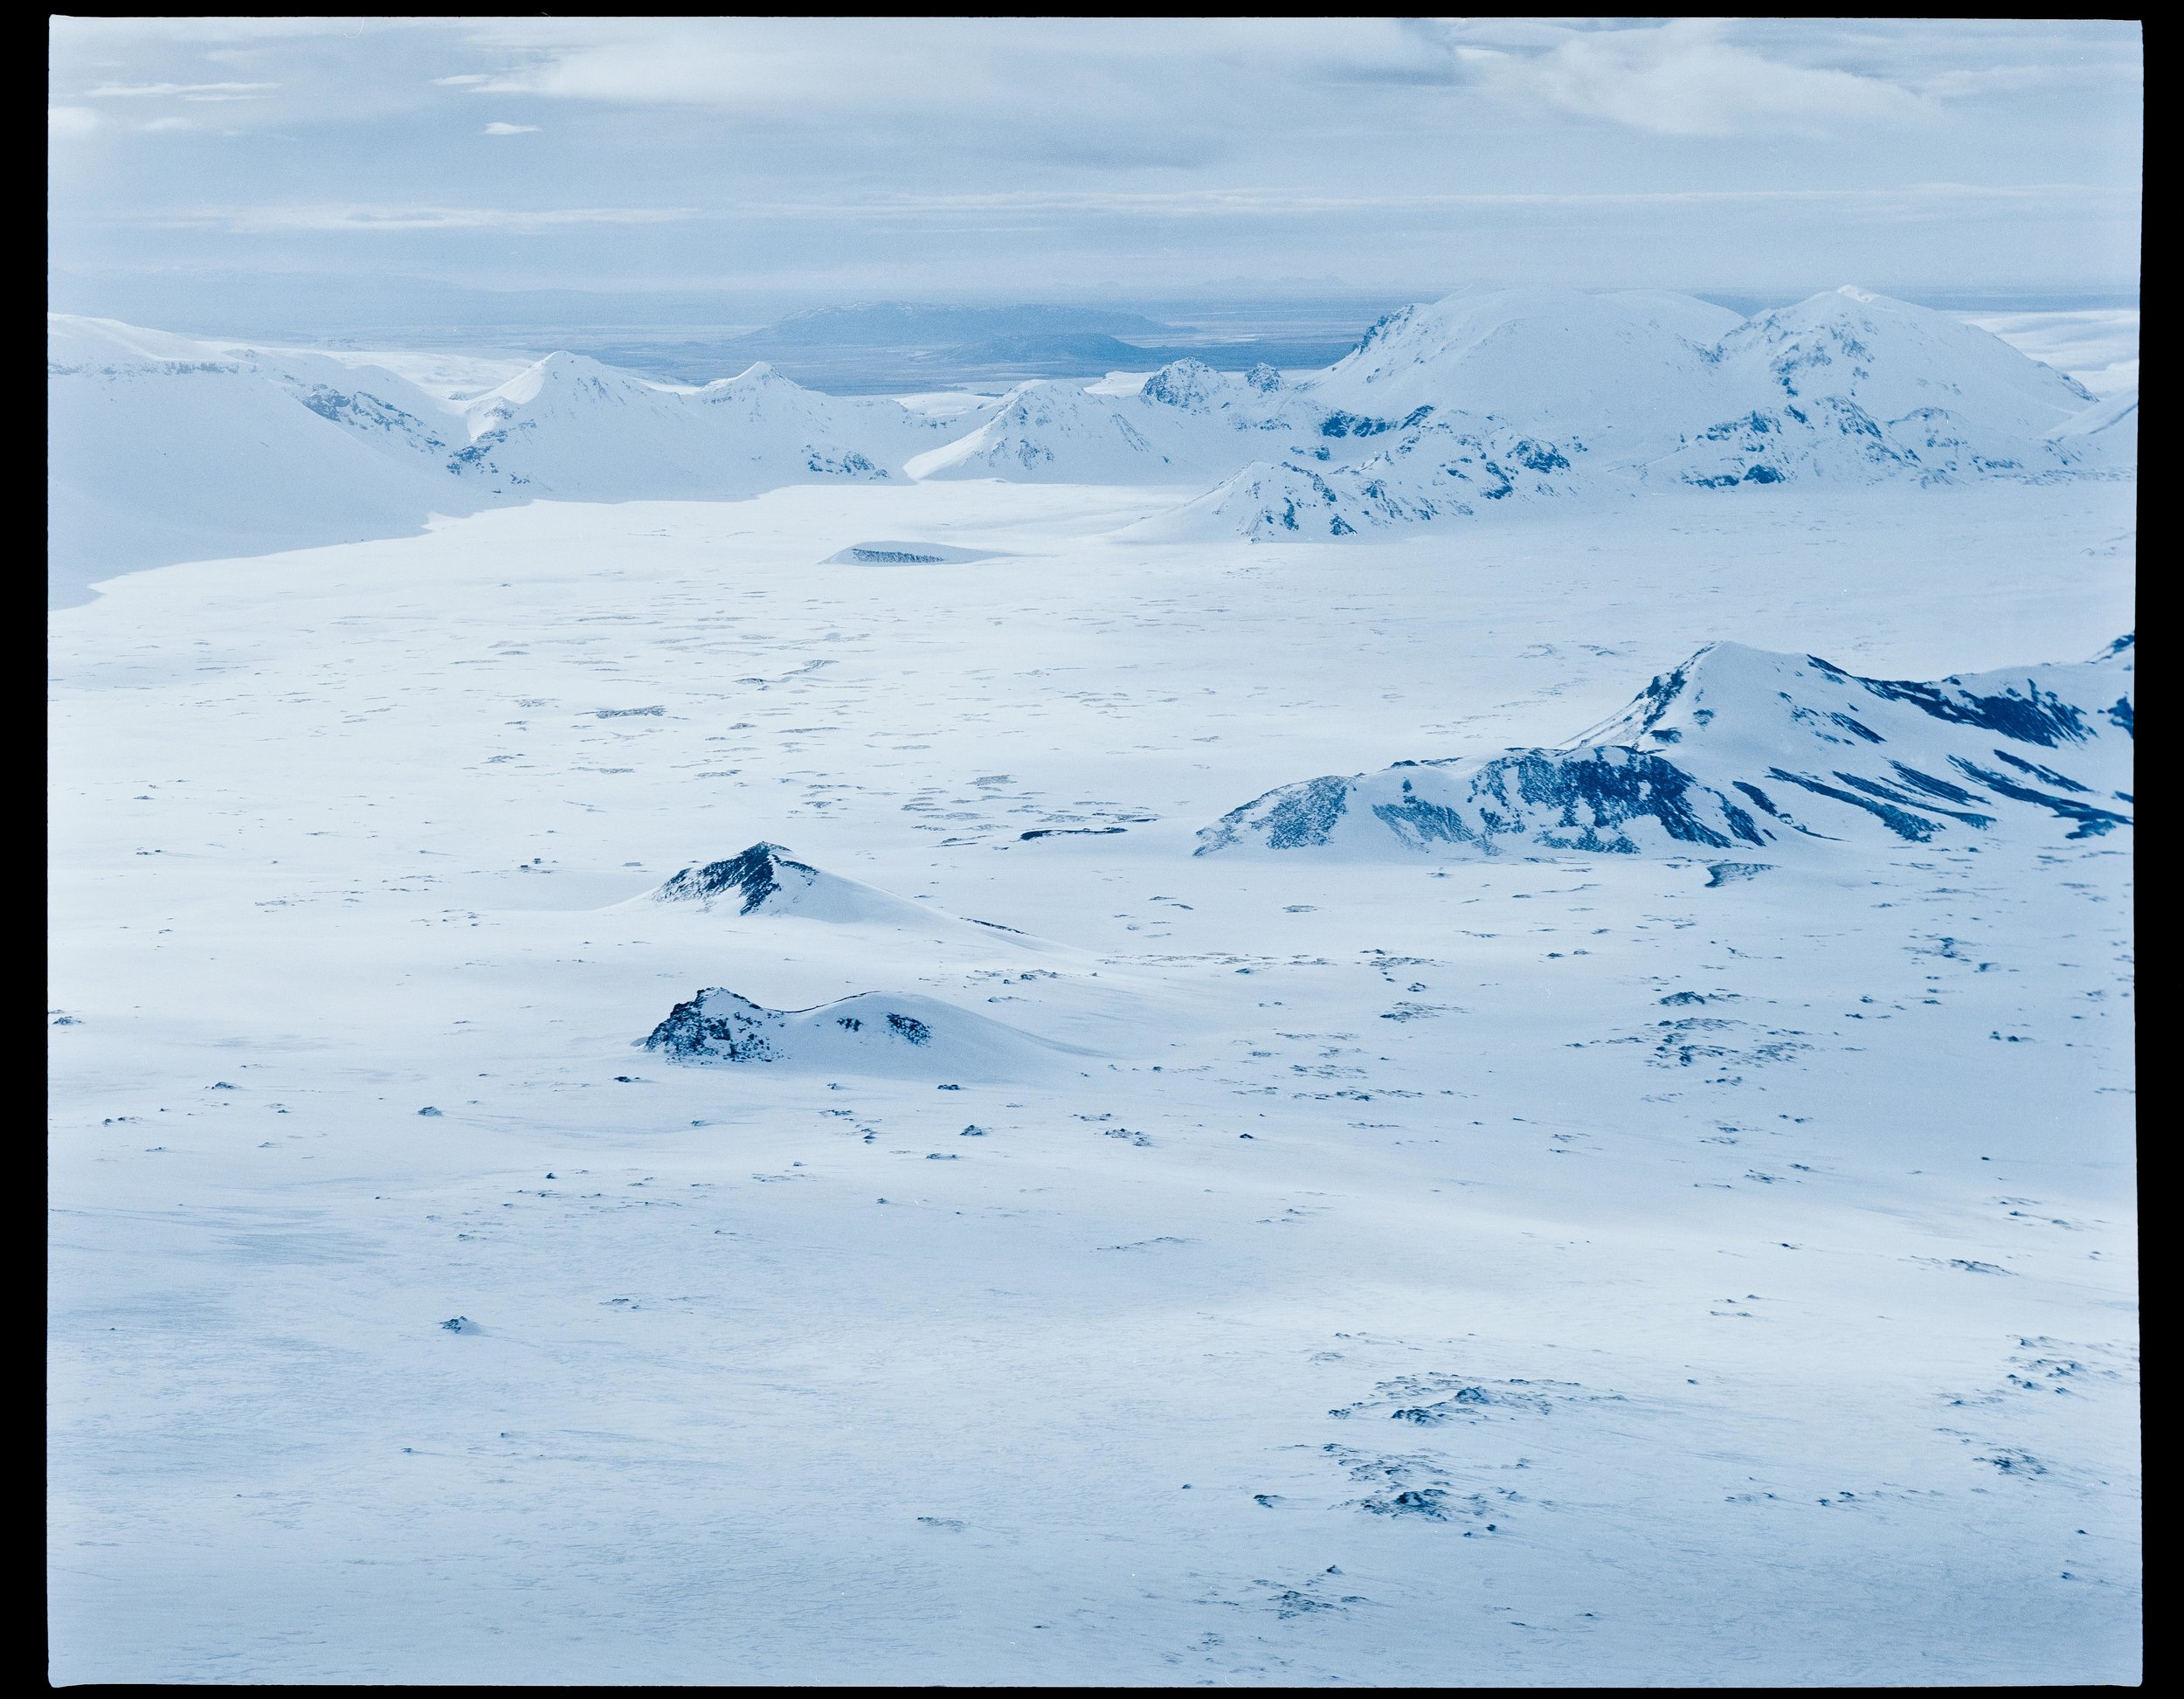 Þórisjökull 2018_Katrina Jane Perry-2.jpg